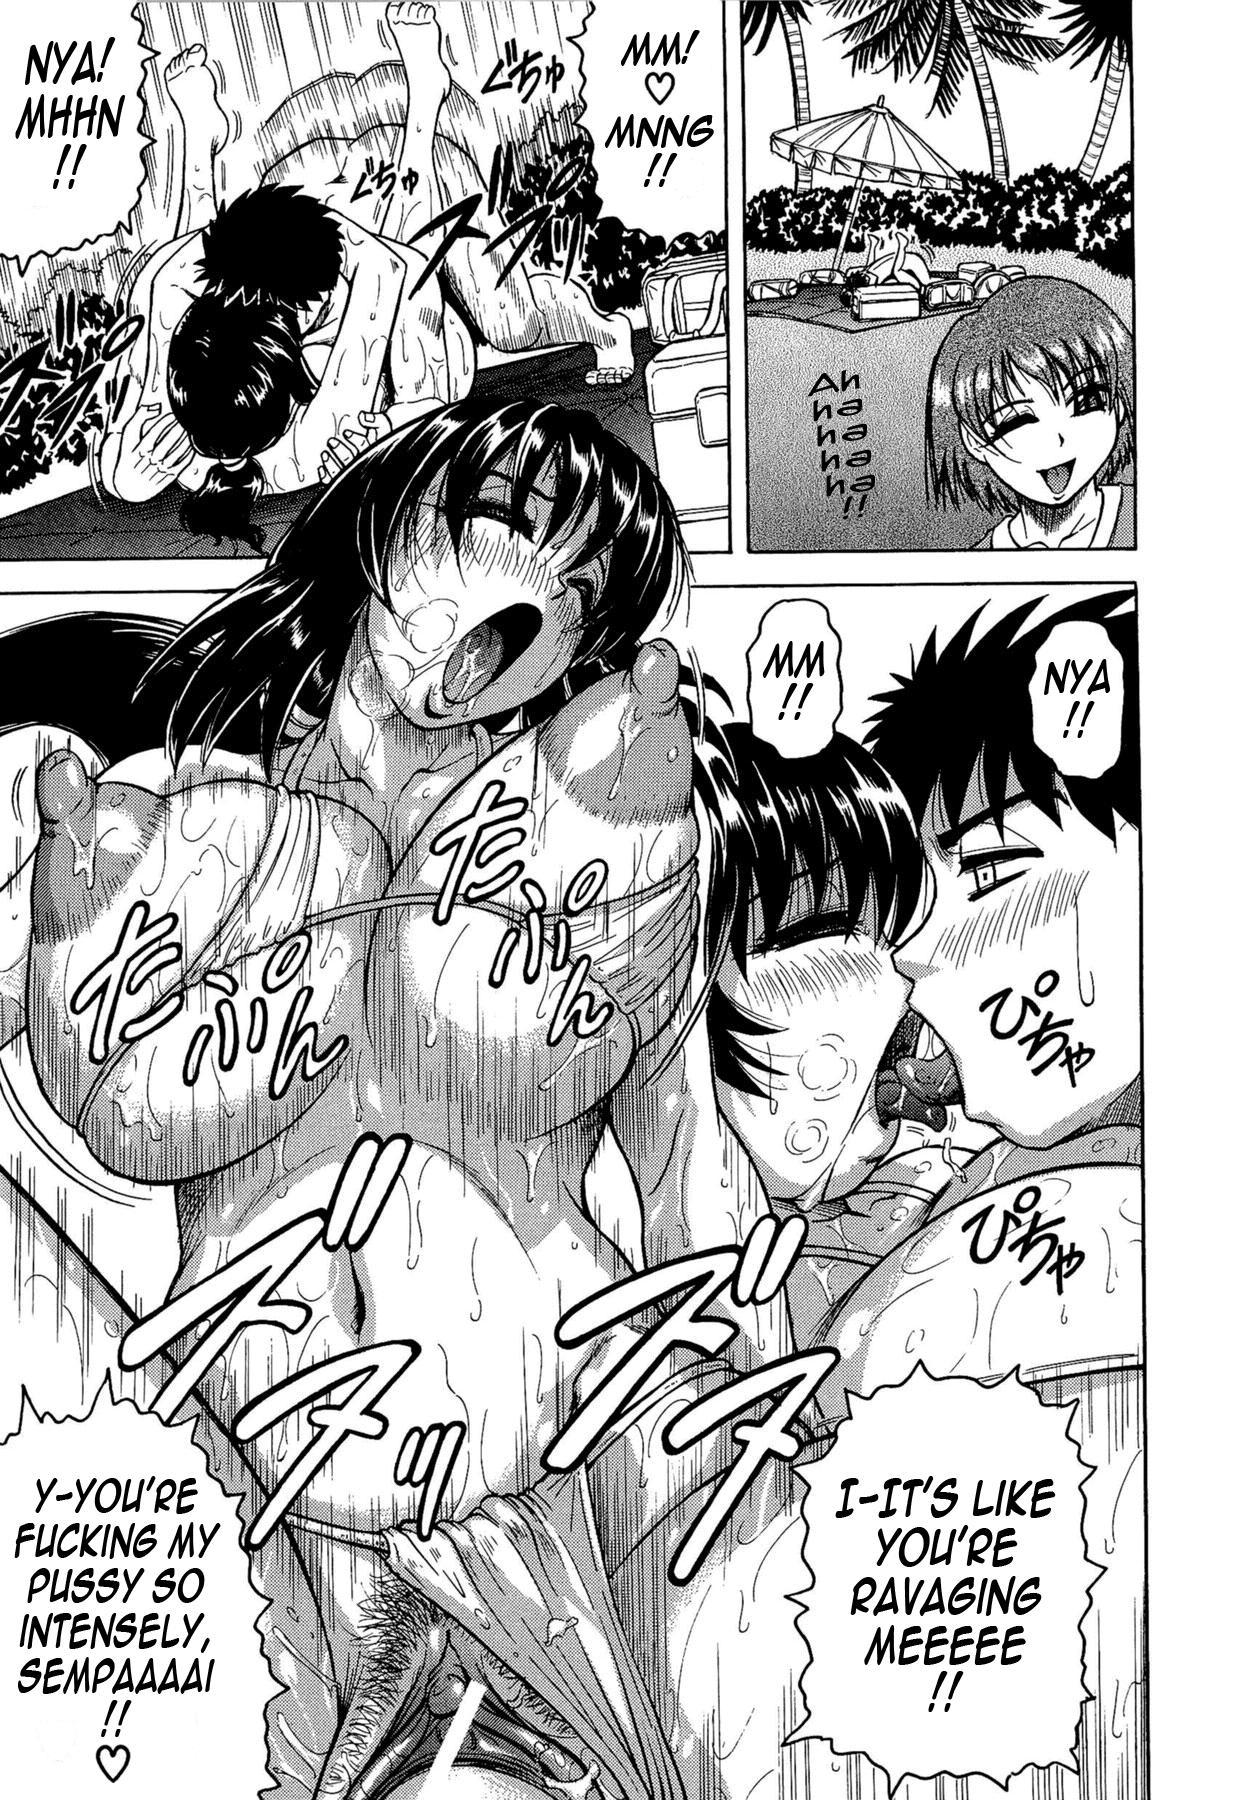 [Jamming] Koibito ha Tonari no Oneesan (Hatsujyouki) | My Lover is the Girl Next Door [English] {Tadanohito} 198